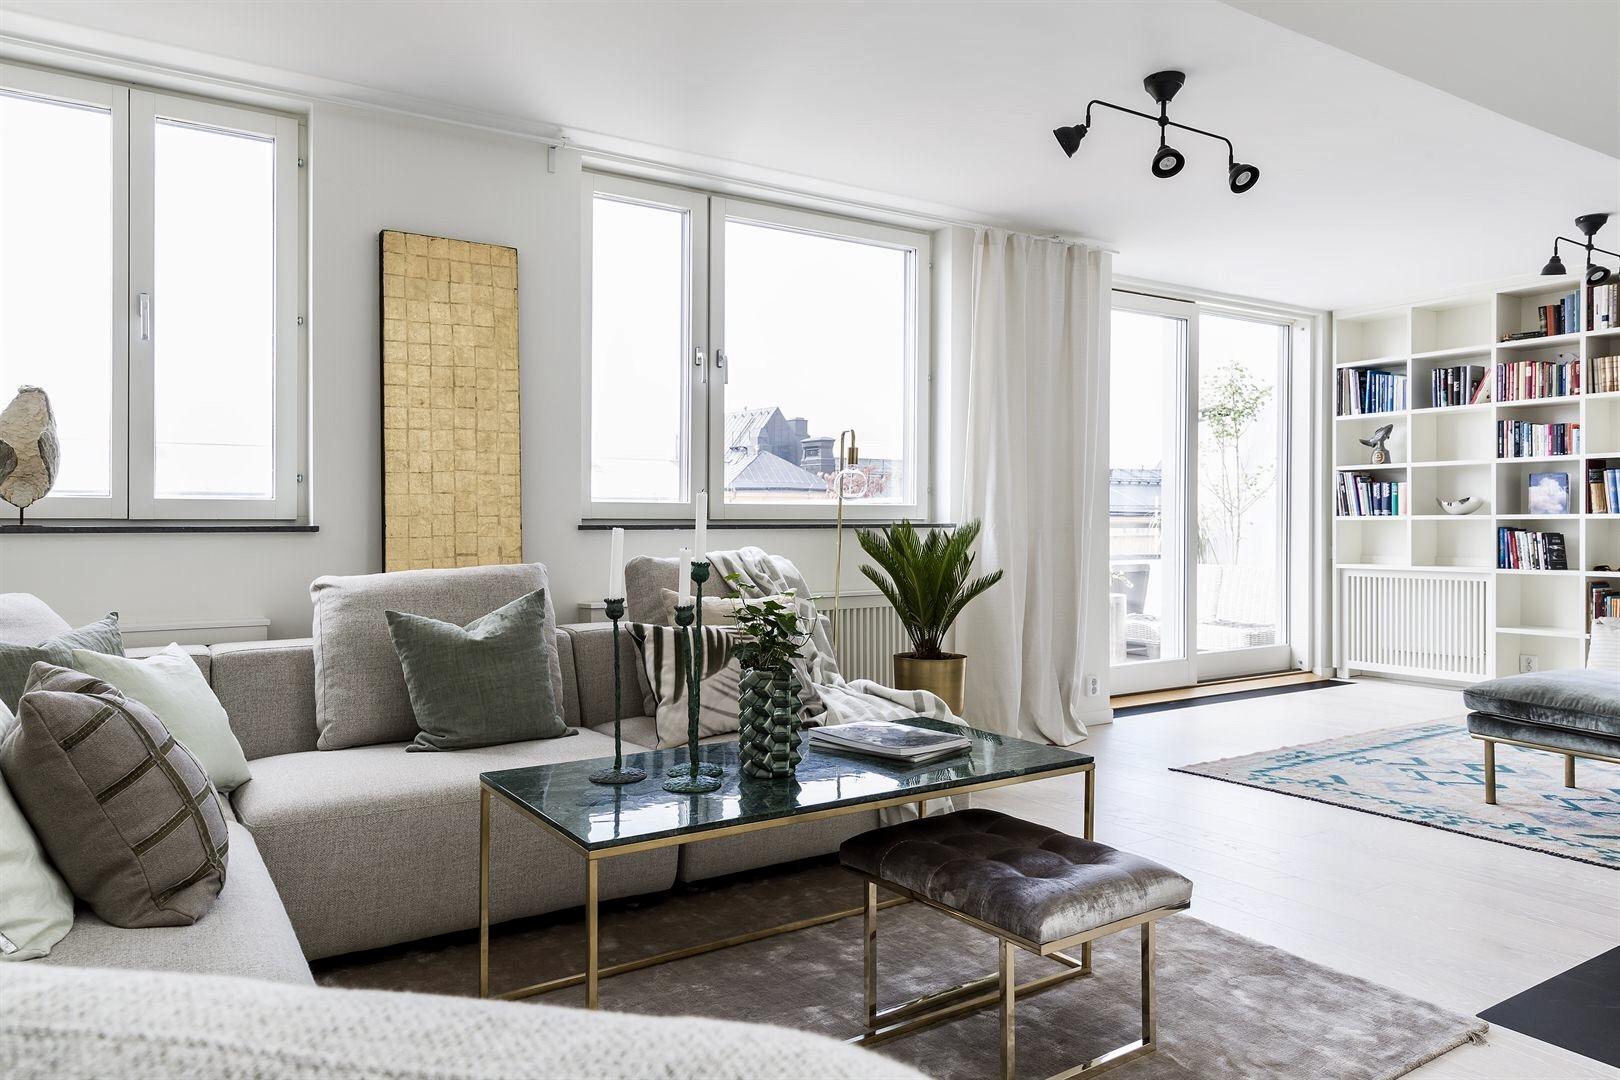 гостиная серый диван столик ковер светлая половая доска выход на балкон книжный стеллаж шкаф